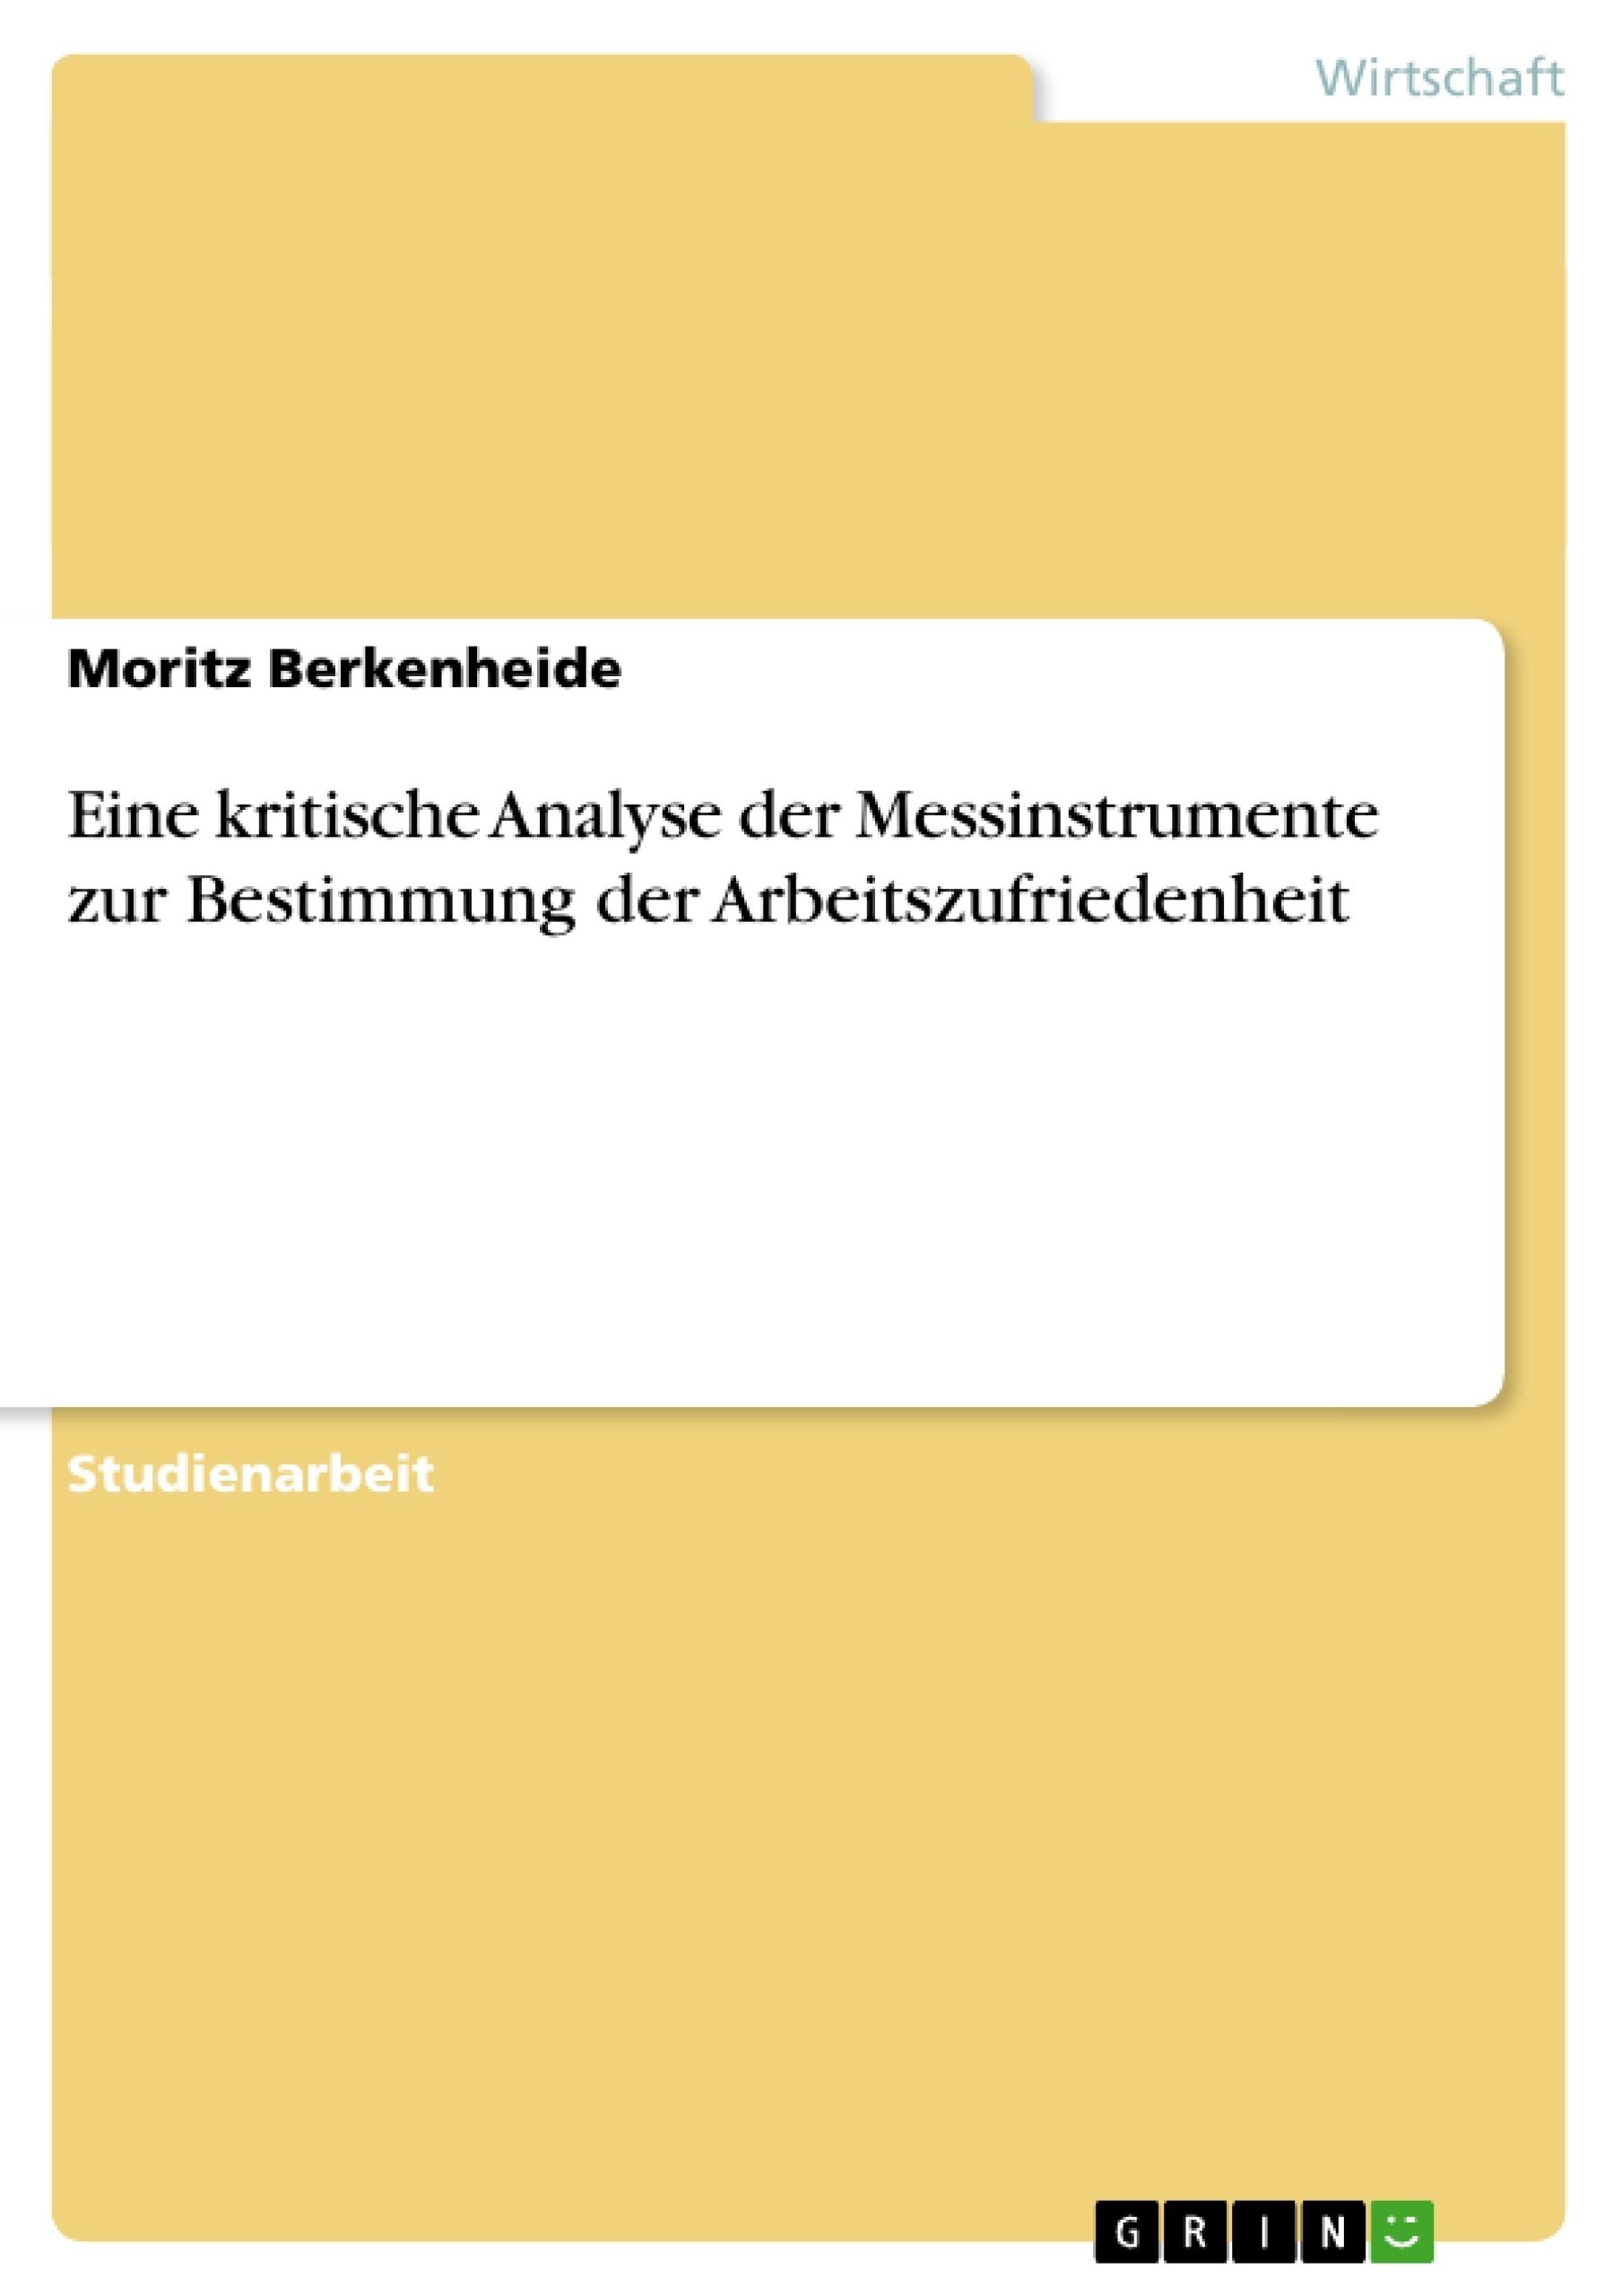 Titel: Eine kritische Analyse der Messinstrumente zur Bestimmung der Arbeitszufriedenheit